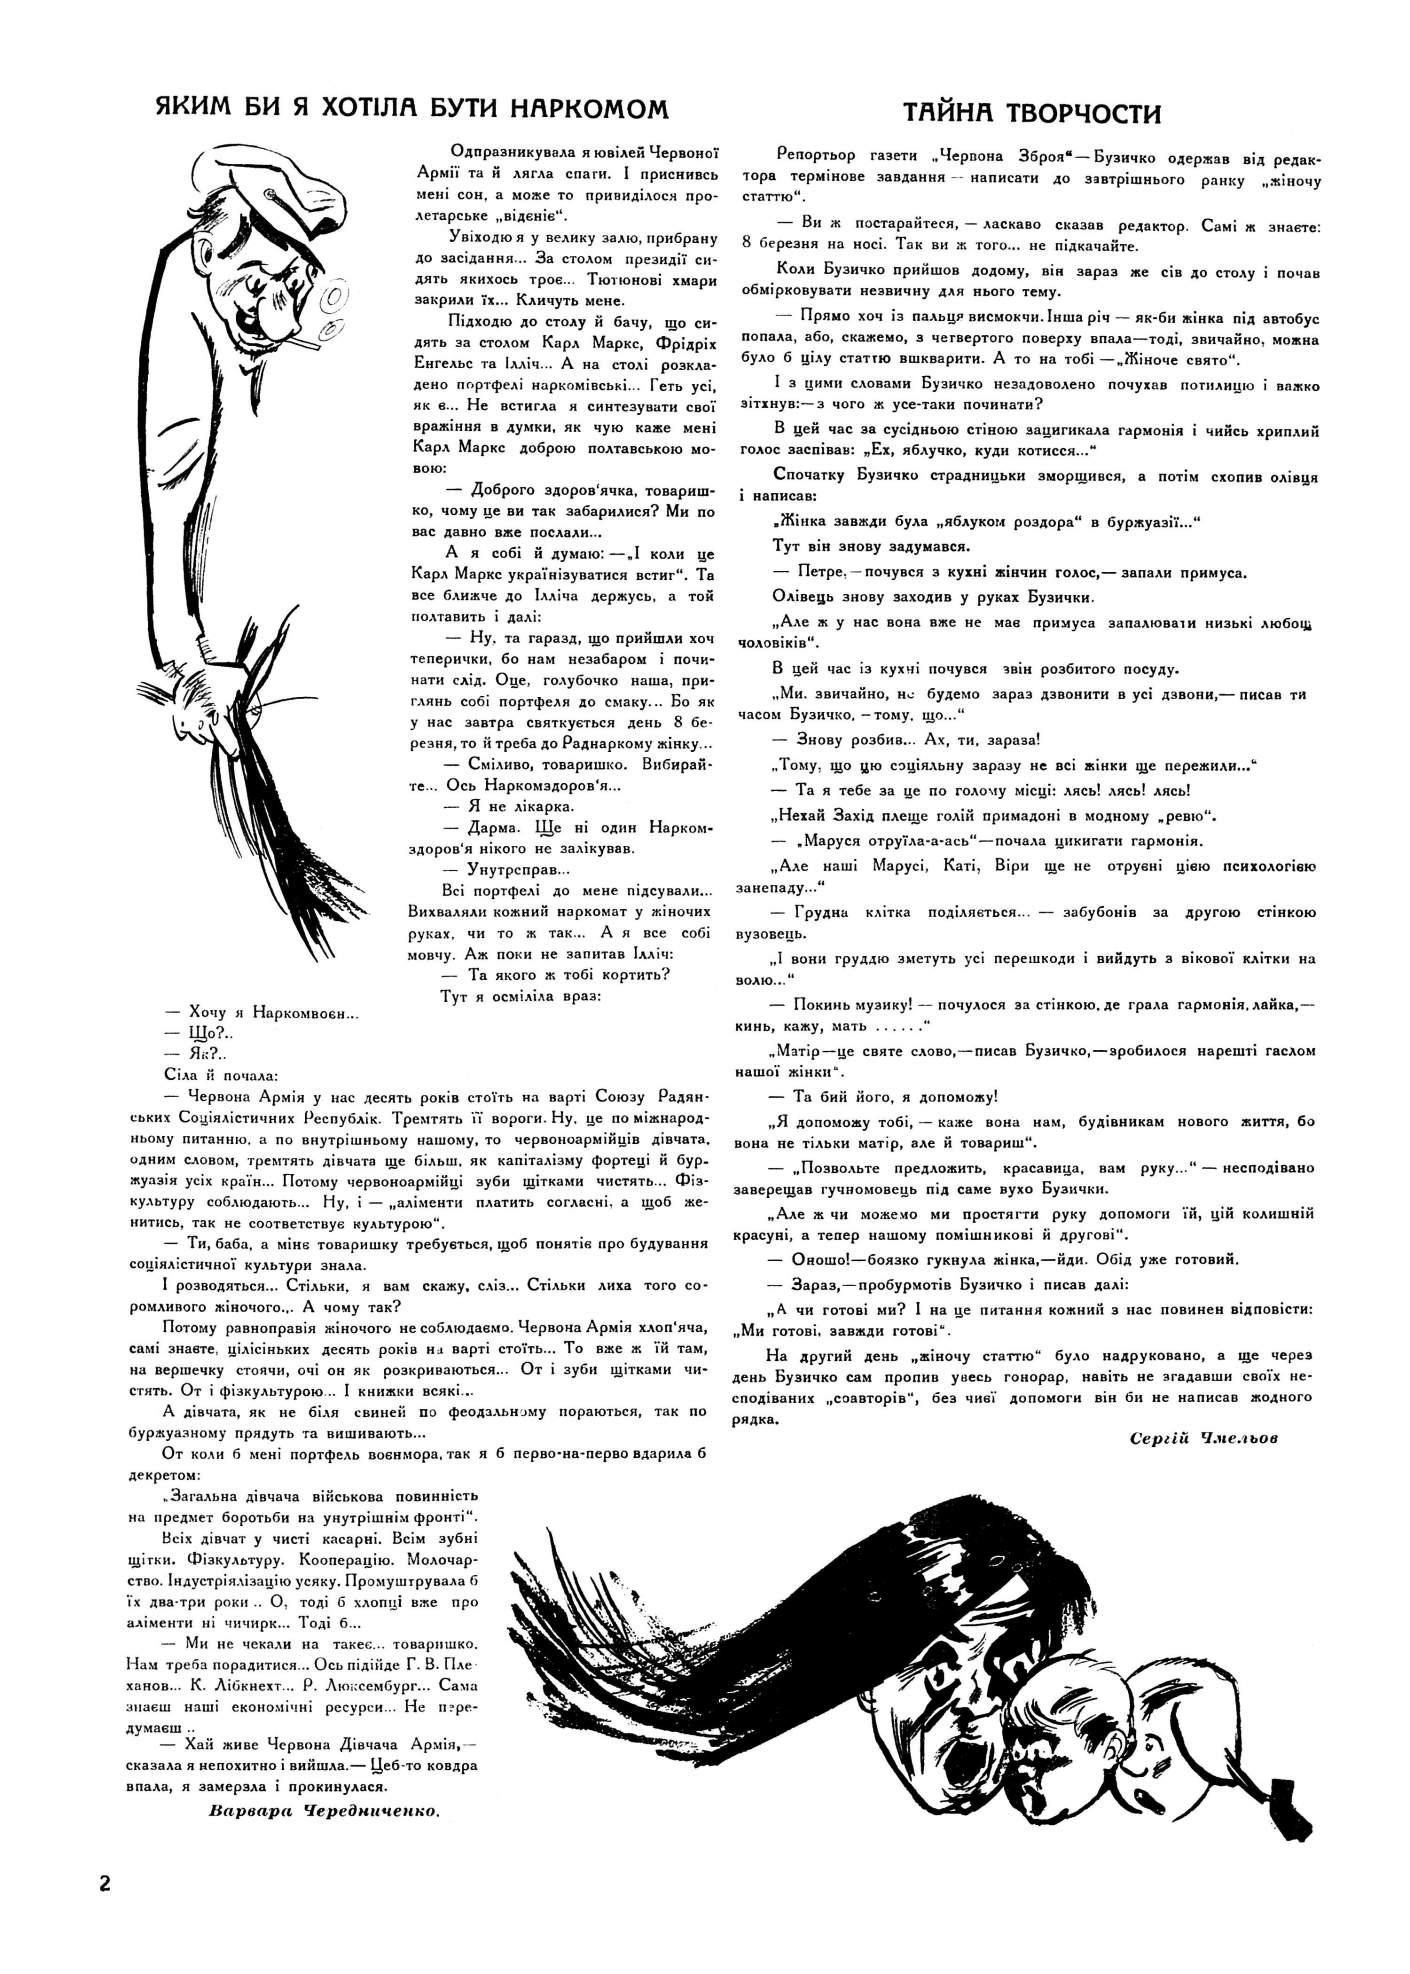 Журнал перець 1928 №05